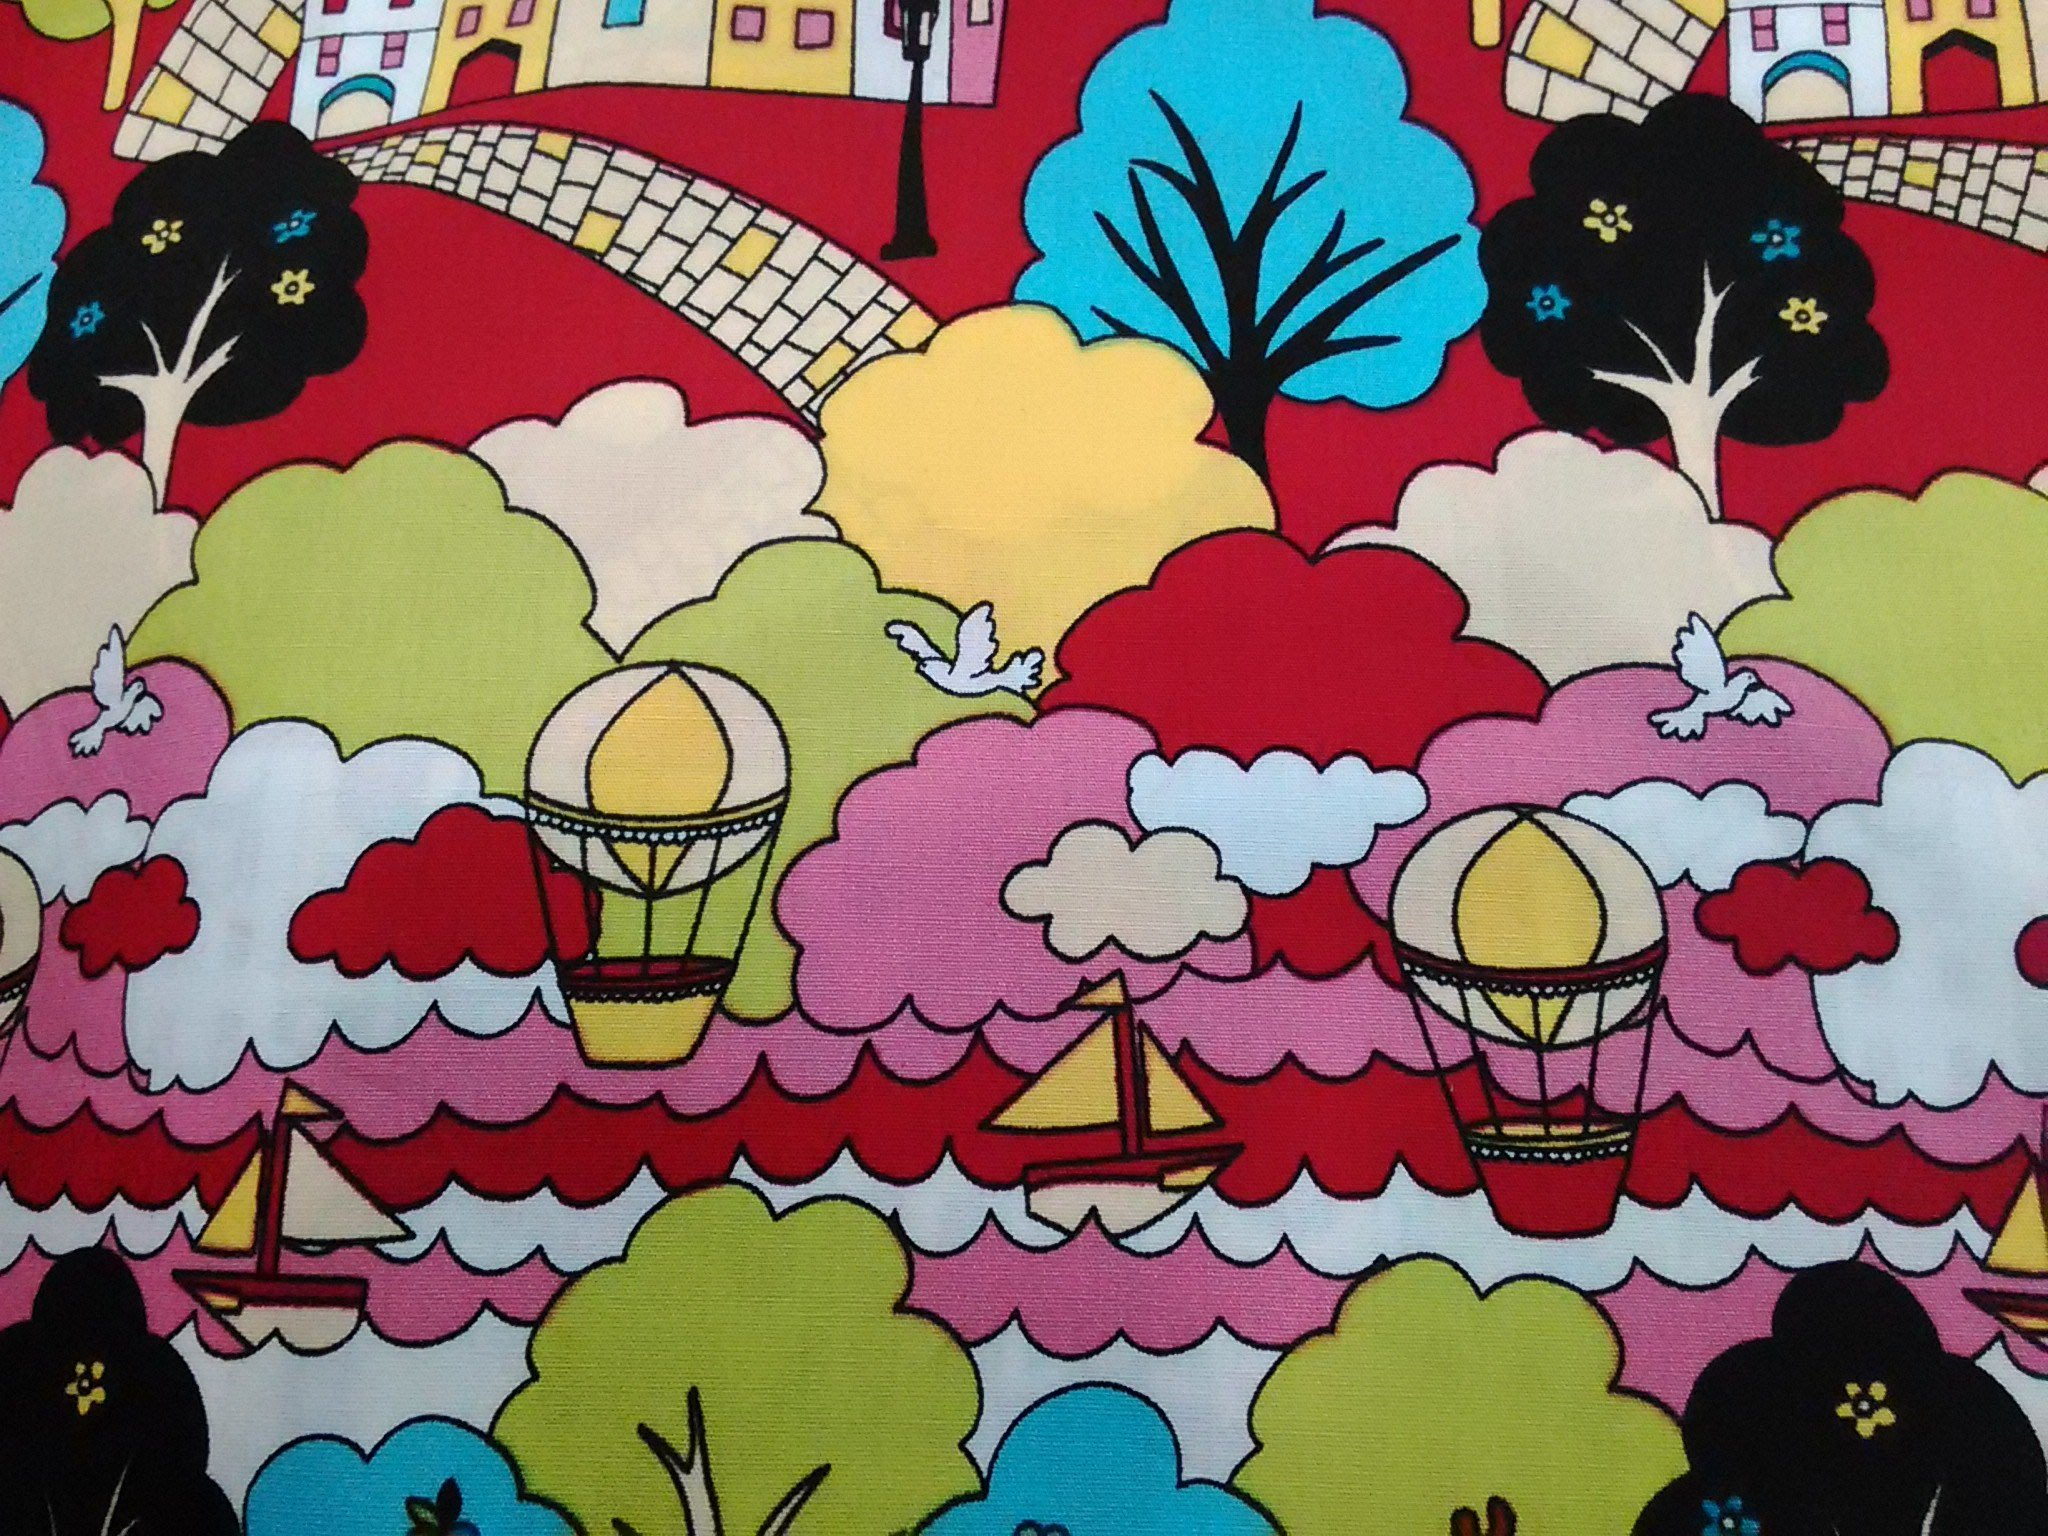 *零碼布手作* 房 屋 子小鎮 熱氣球 船 河 雲 鳥 樹 木 蘋果 度假 紅色 1/2碼 台灣純棉布 RE266